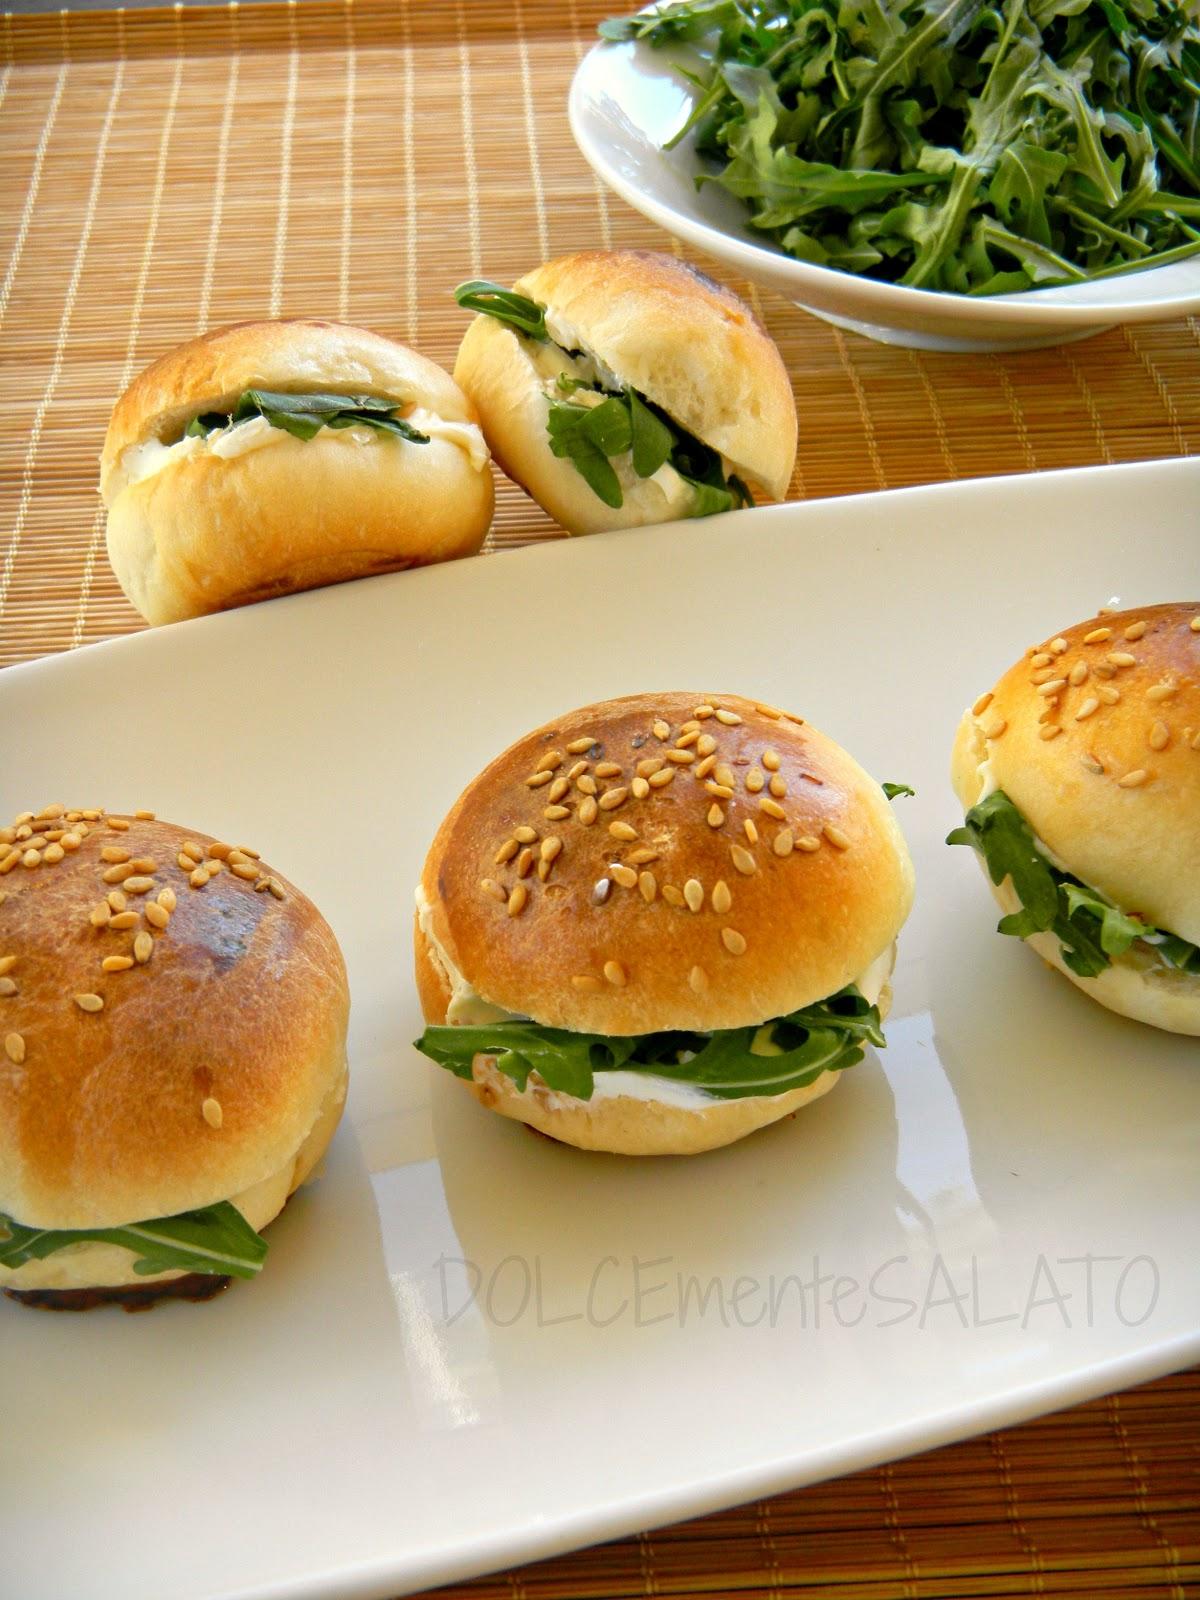 Popolare DOLCEmente SALATO: Mini panini e cornettini da buffet UQ41